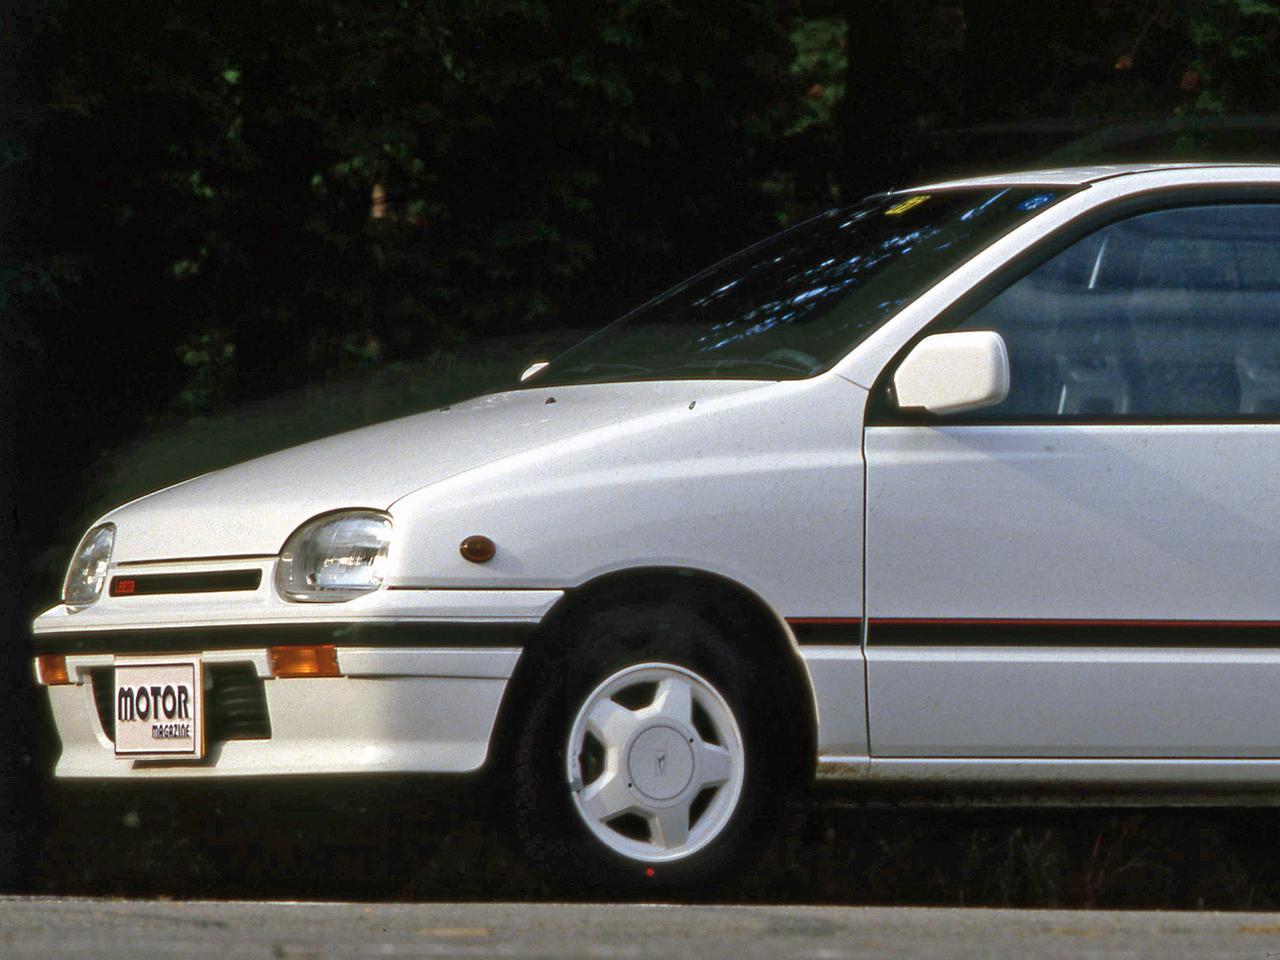 【昭和の名車 175】ダイハツ リーザは軽自動車のスペシャリティカーとして華麗にデビュー